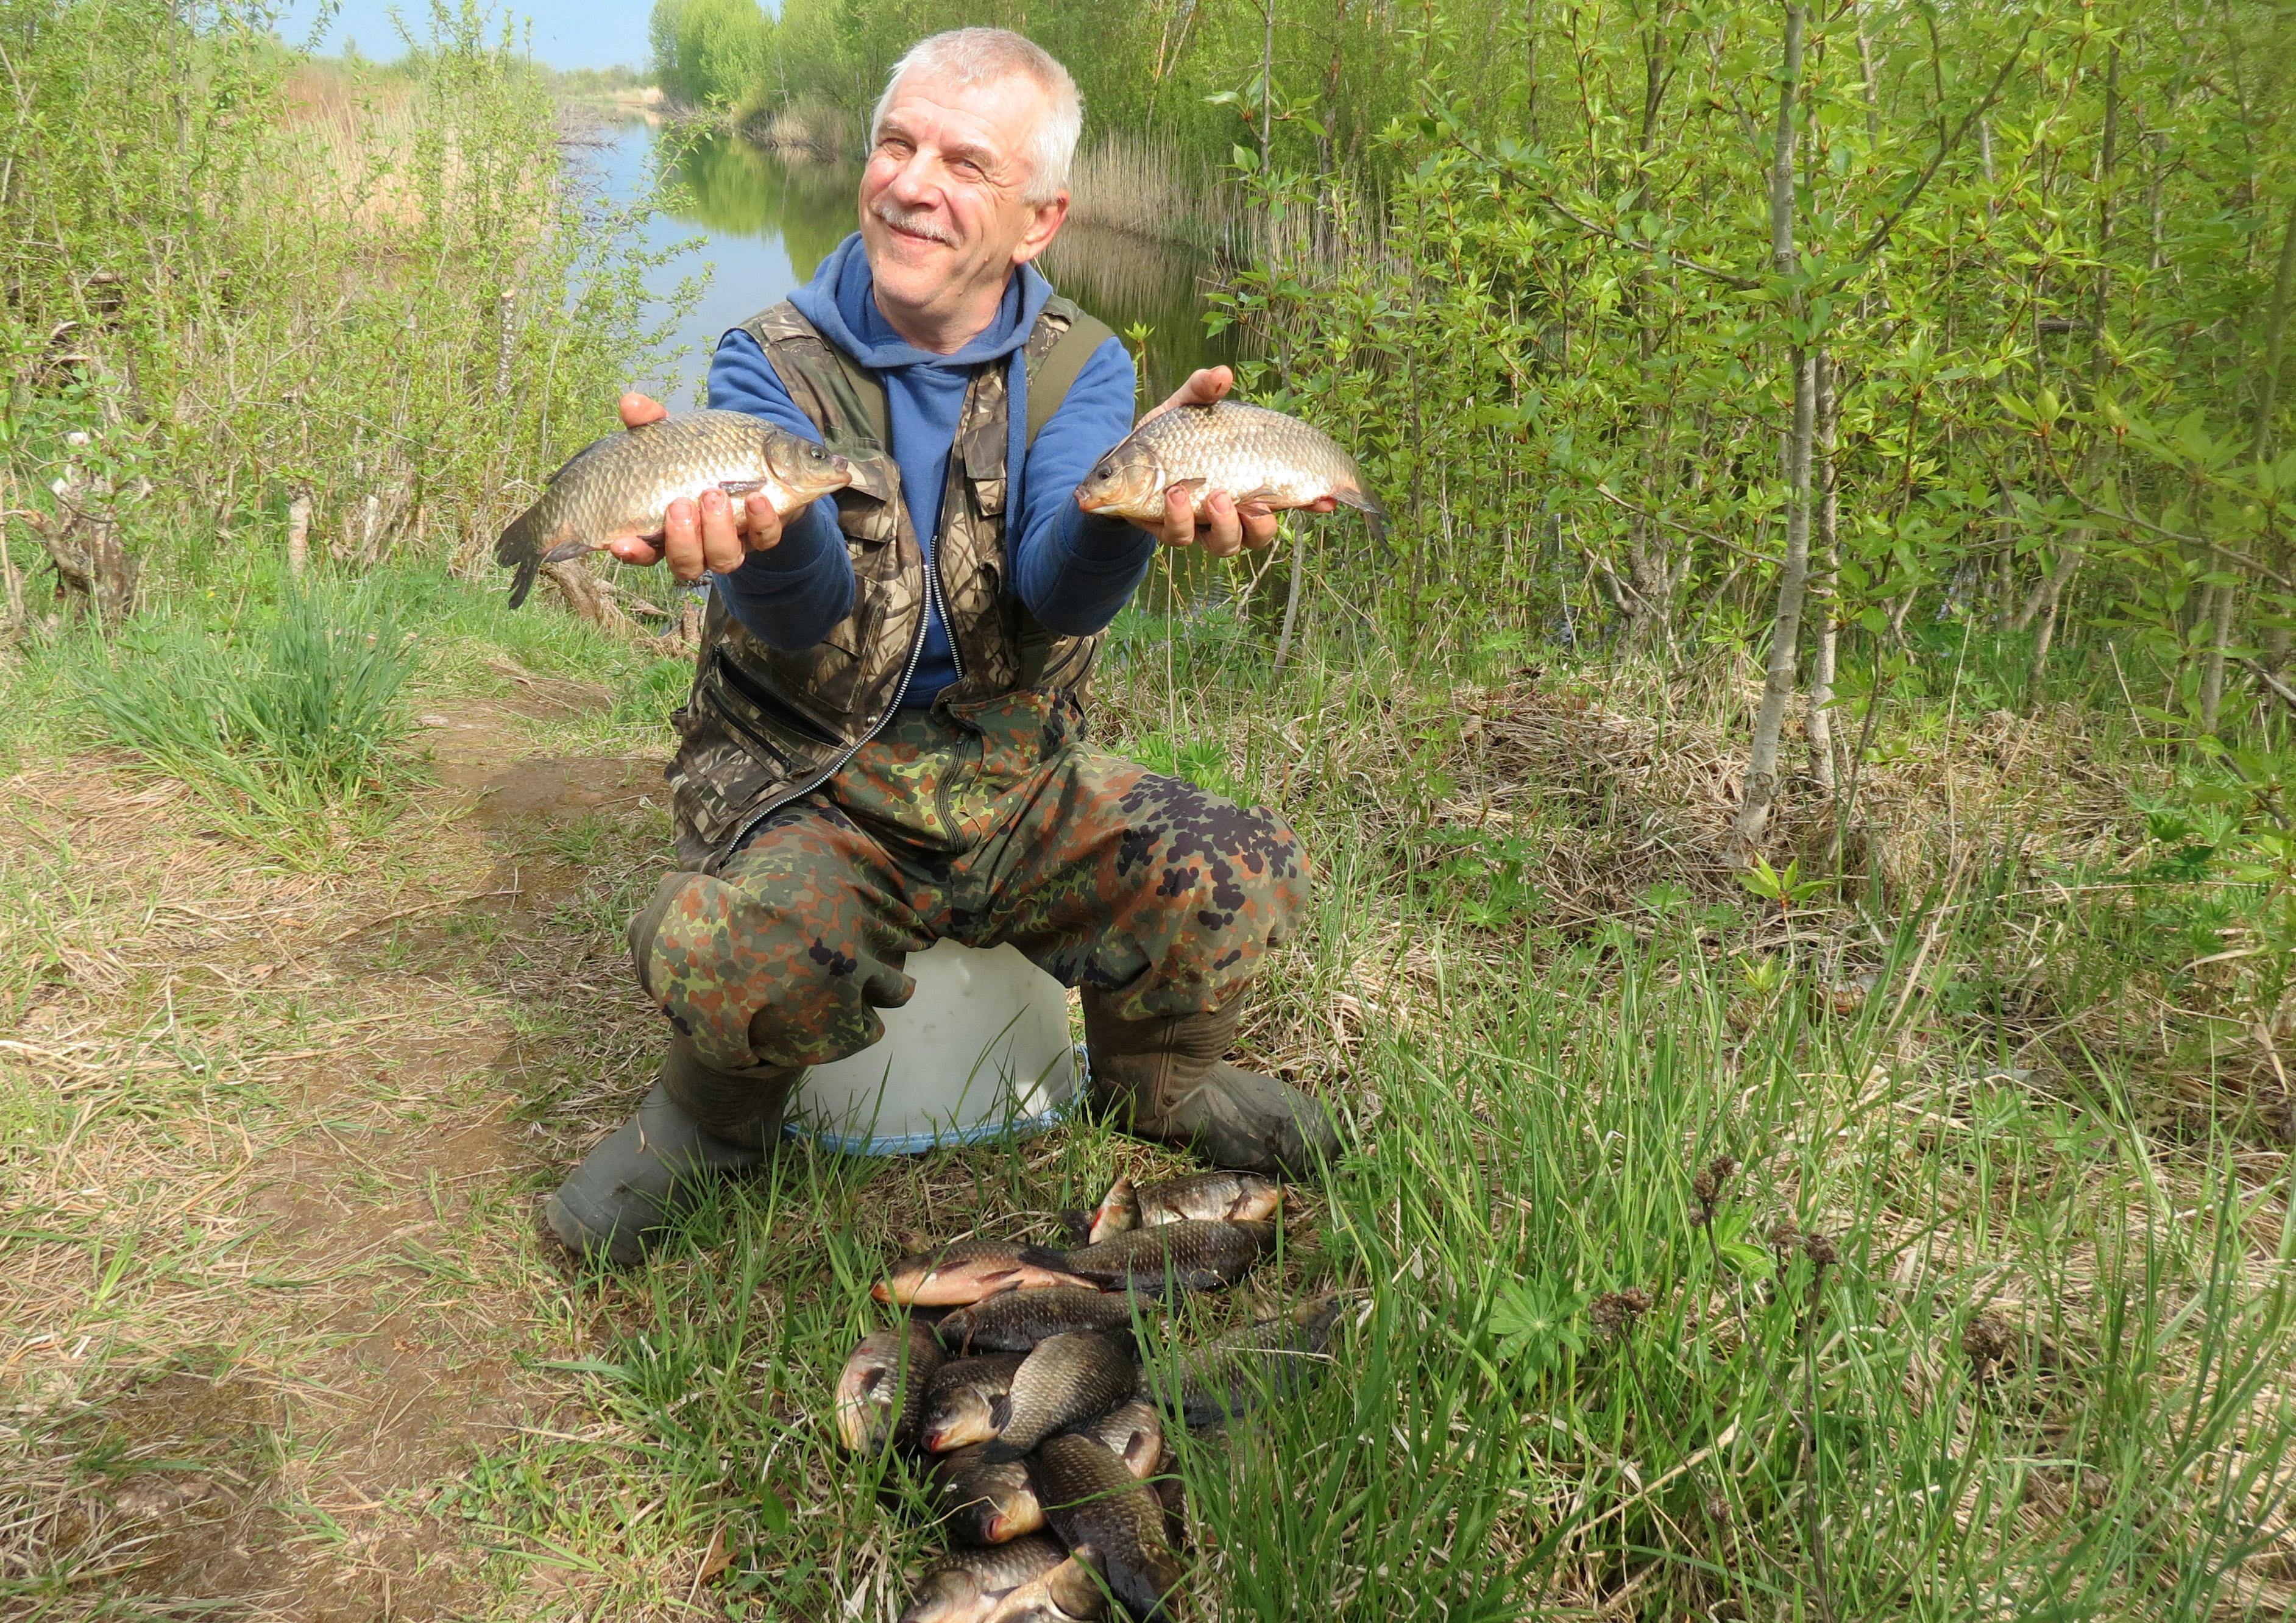 Такой улов всегда приносит радость и положительные эмоции. Фото автора.